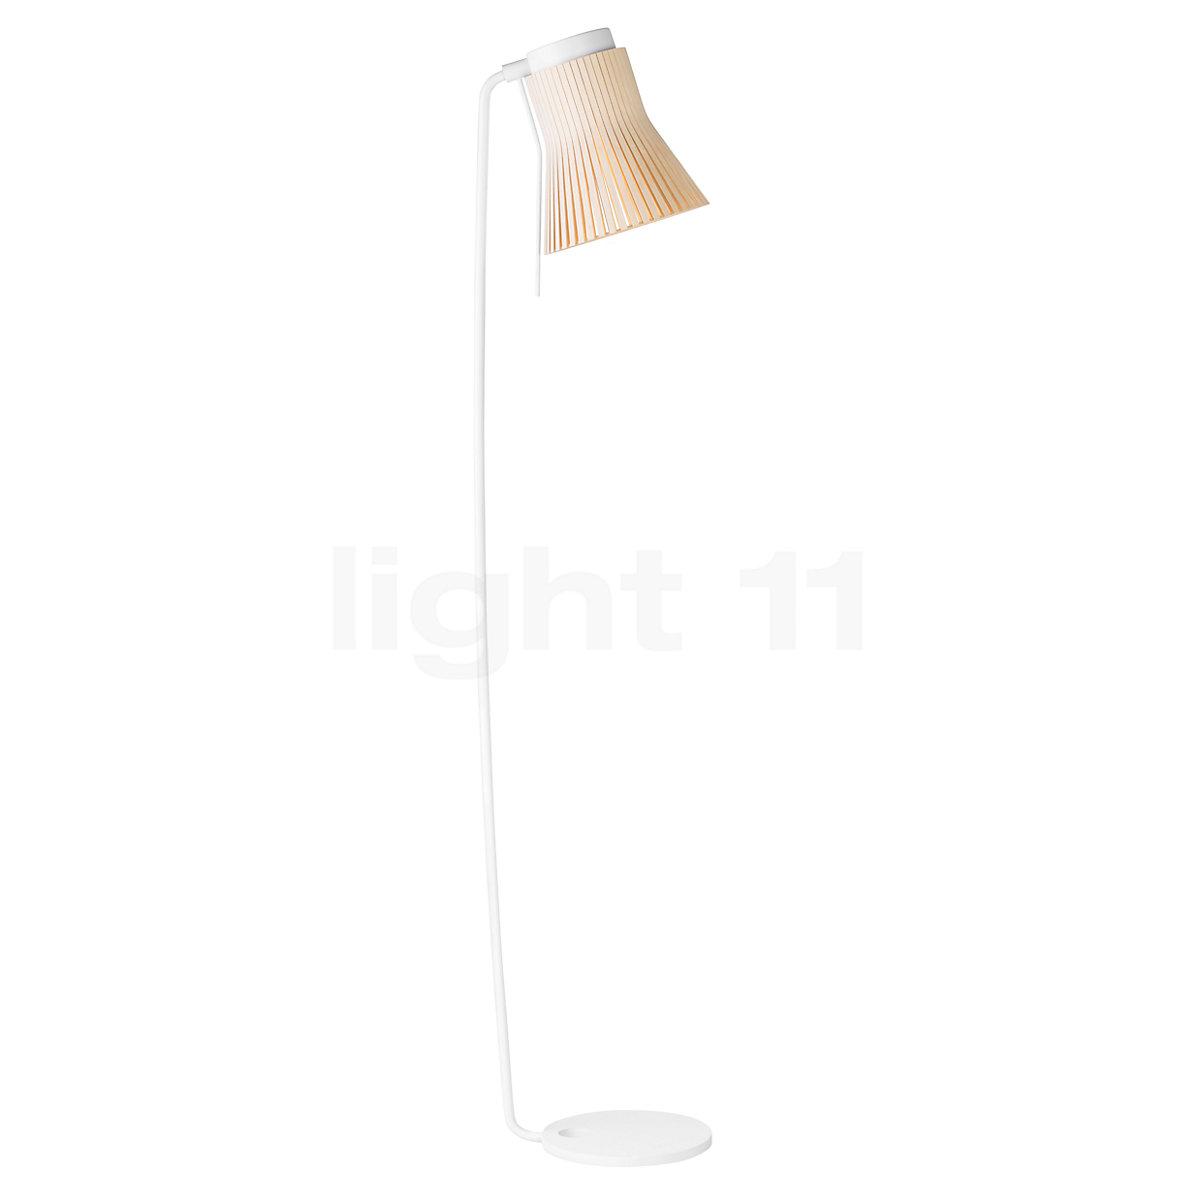 Lampade Da Terra In Legno.Secto Design Petite 4610 Lampada Da Terra Light11 It